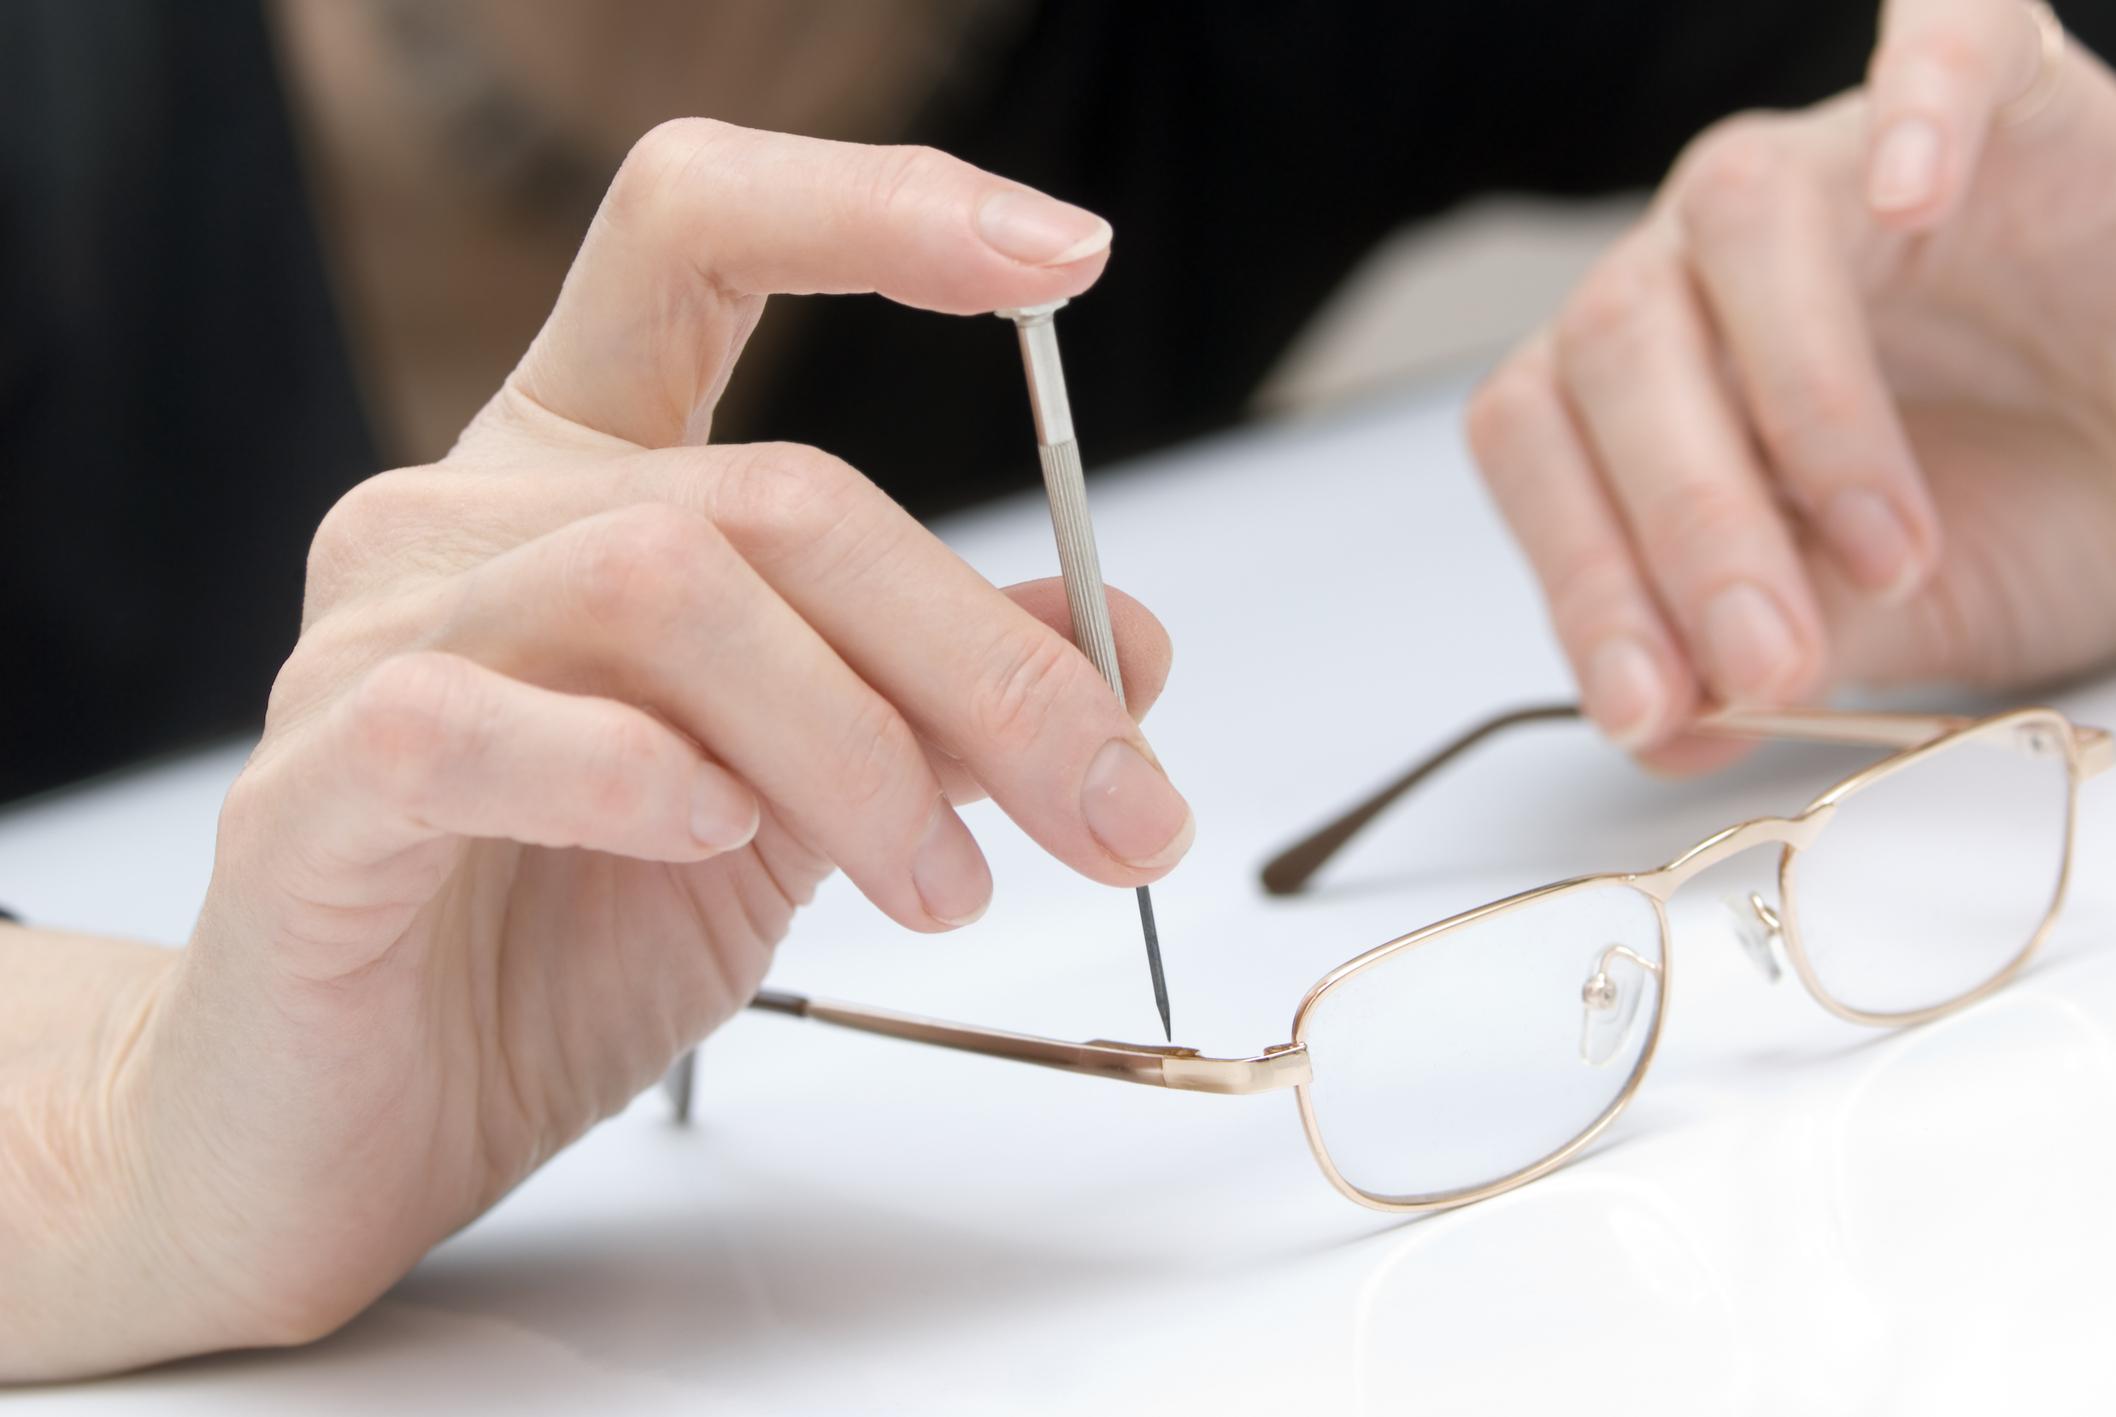 Adjusting and repairing eyeglasses frames.